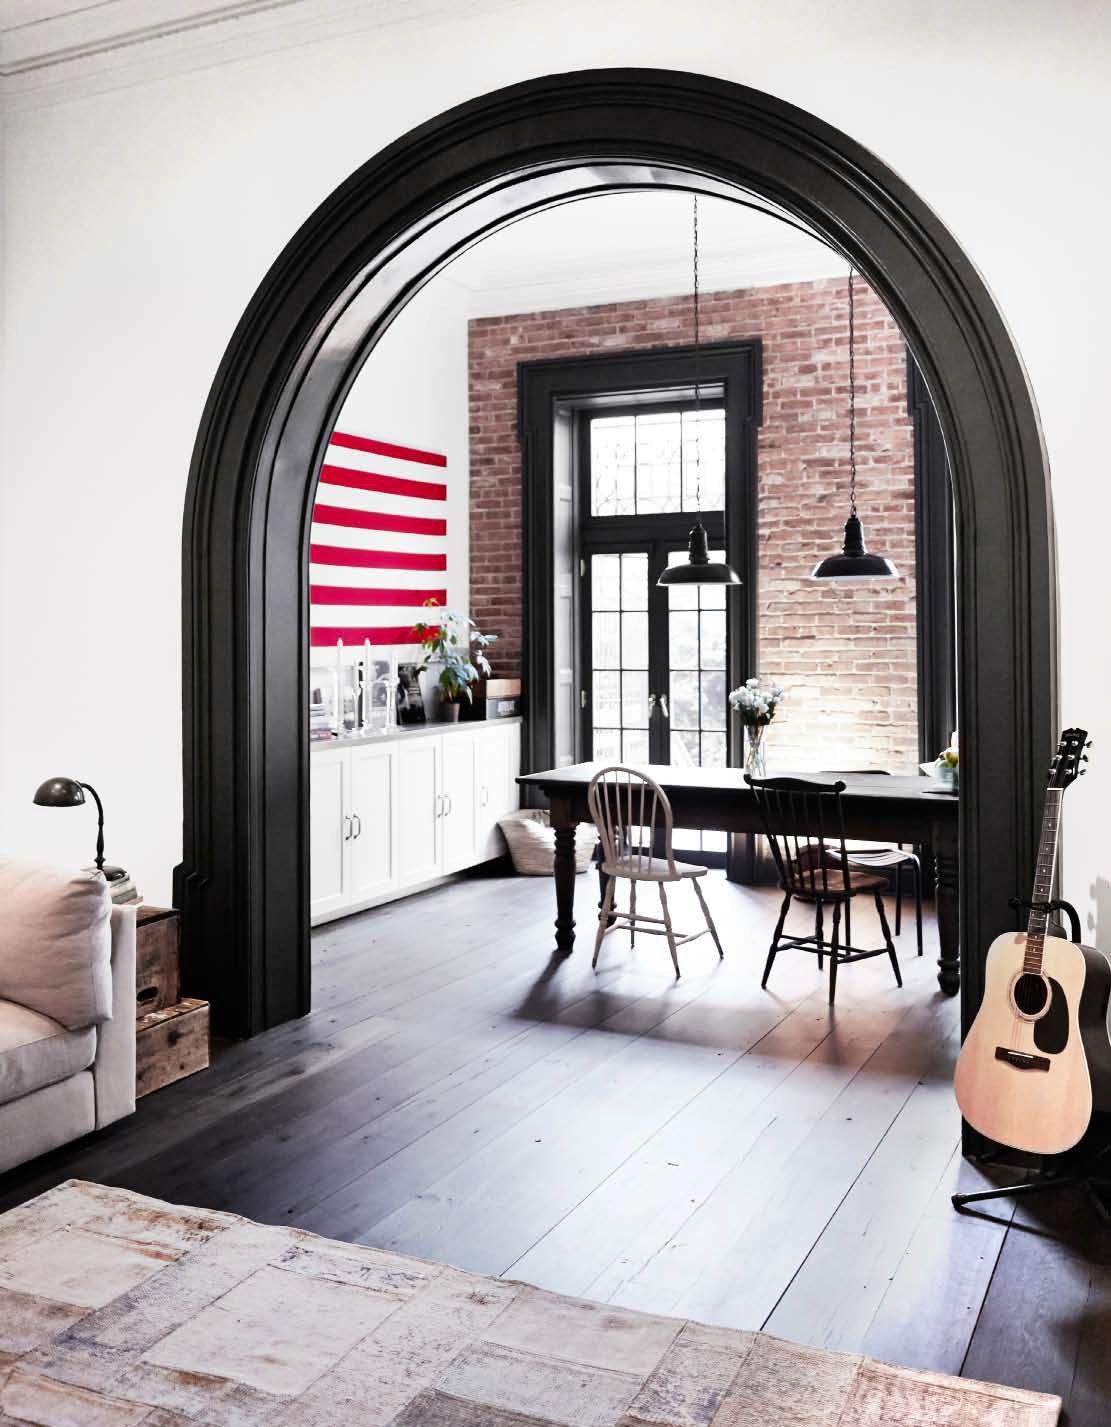 Una casona francesa en Nueva York | Casa de nueva york, Pared de ...